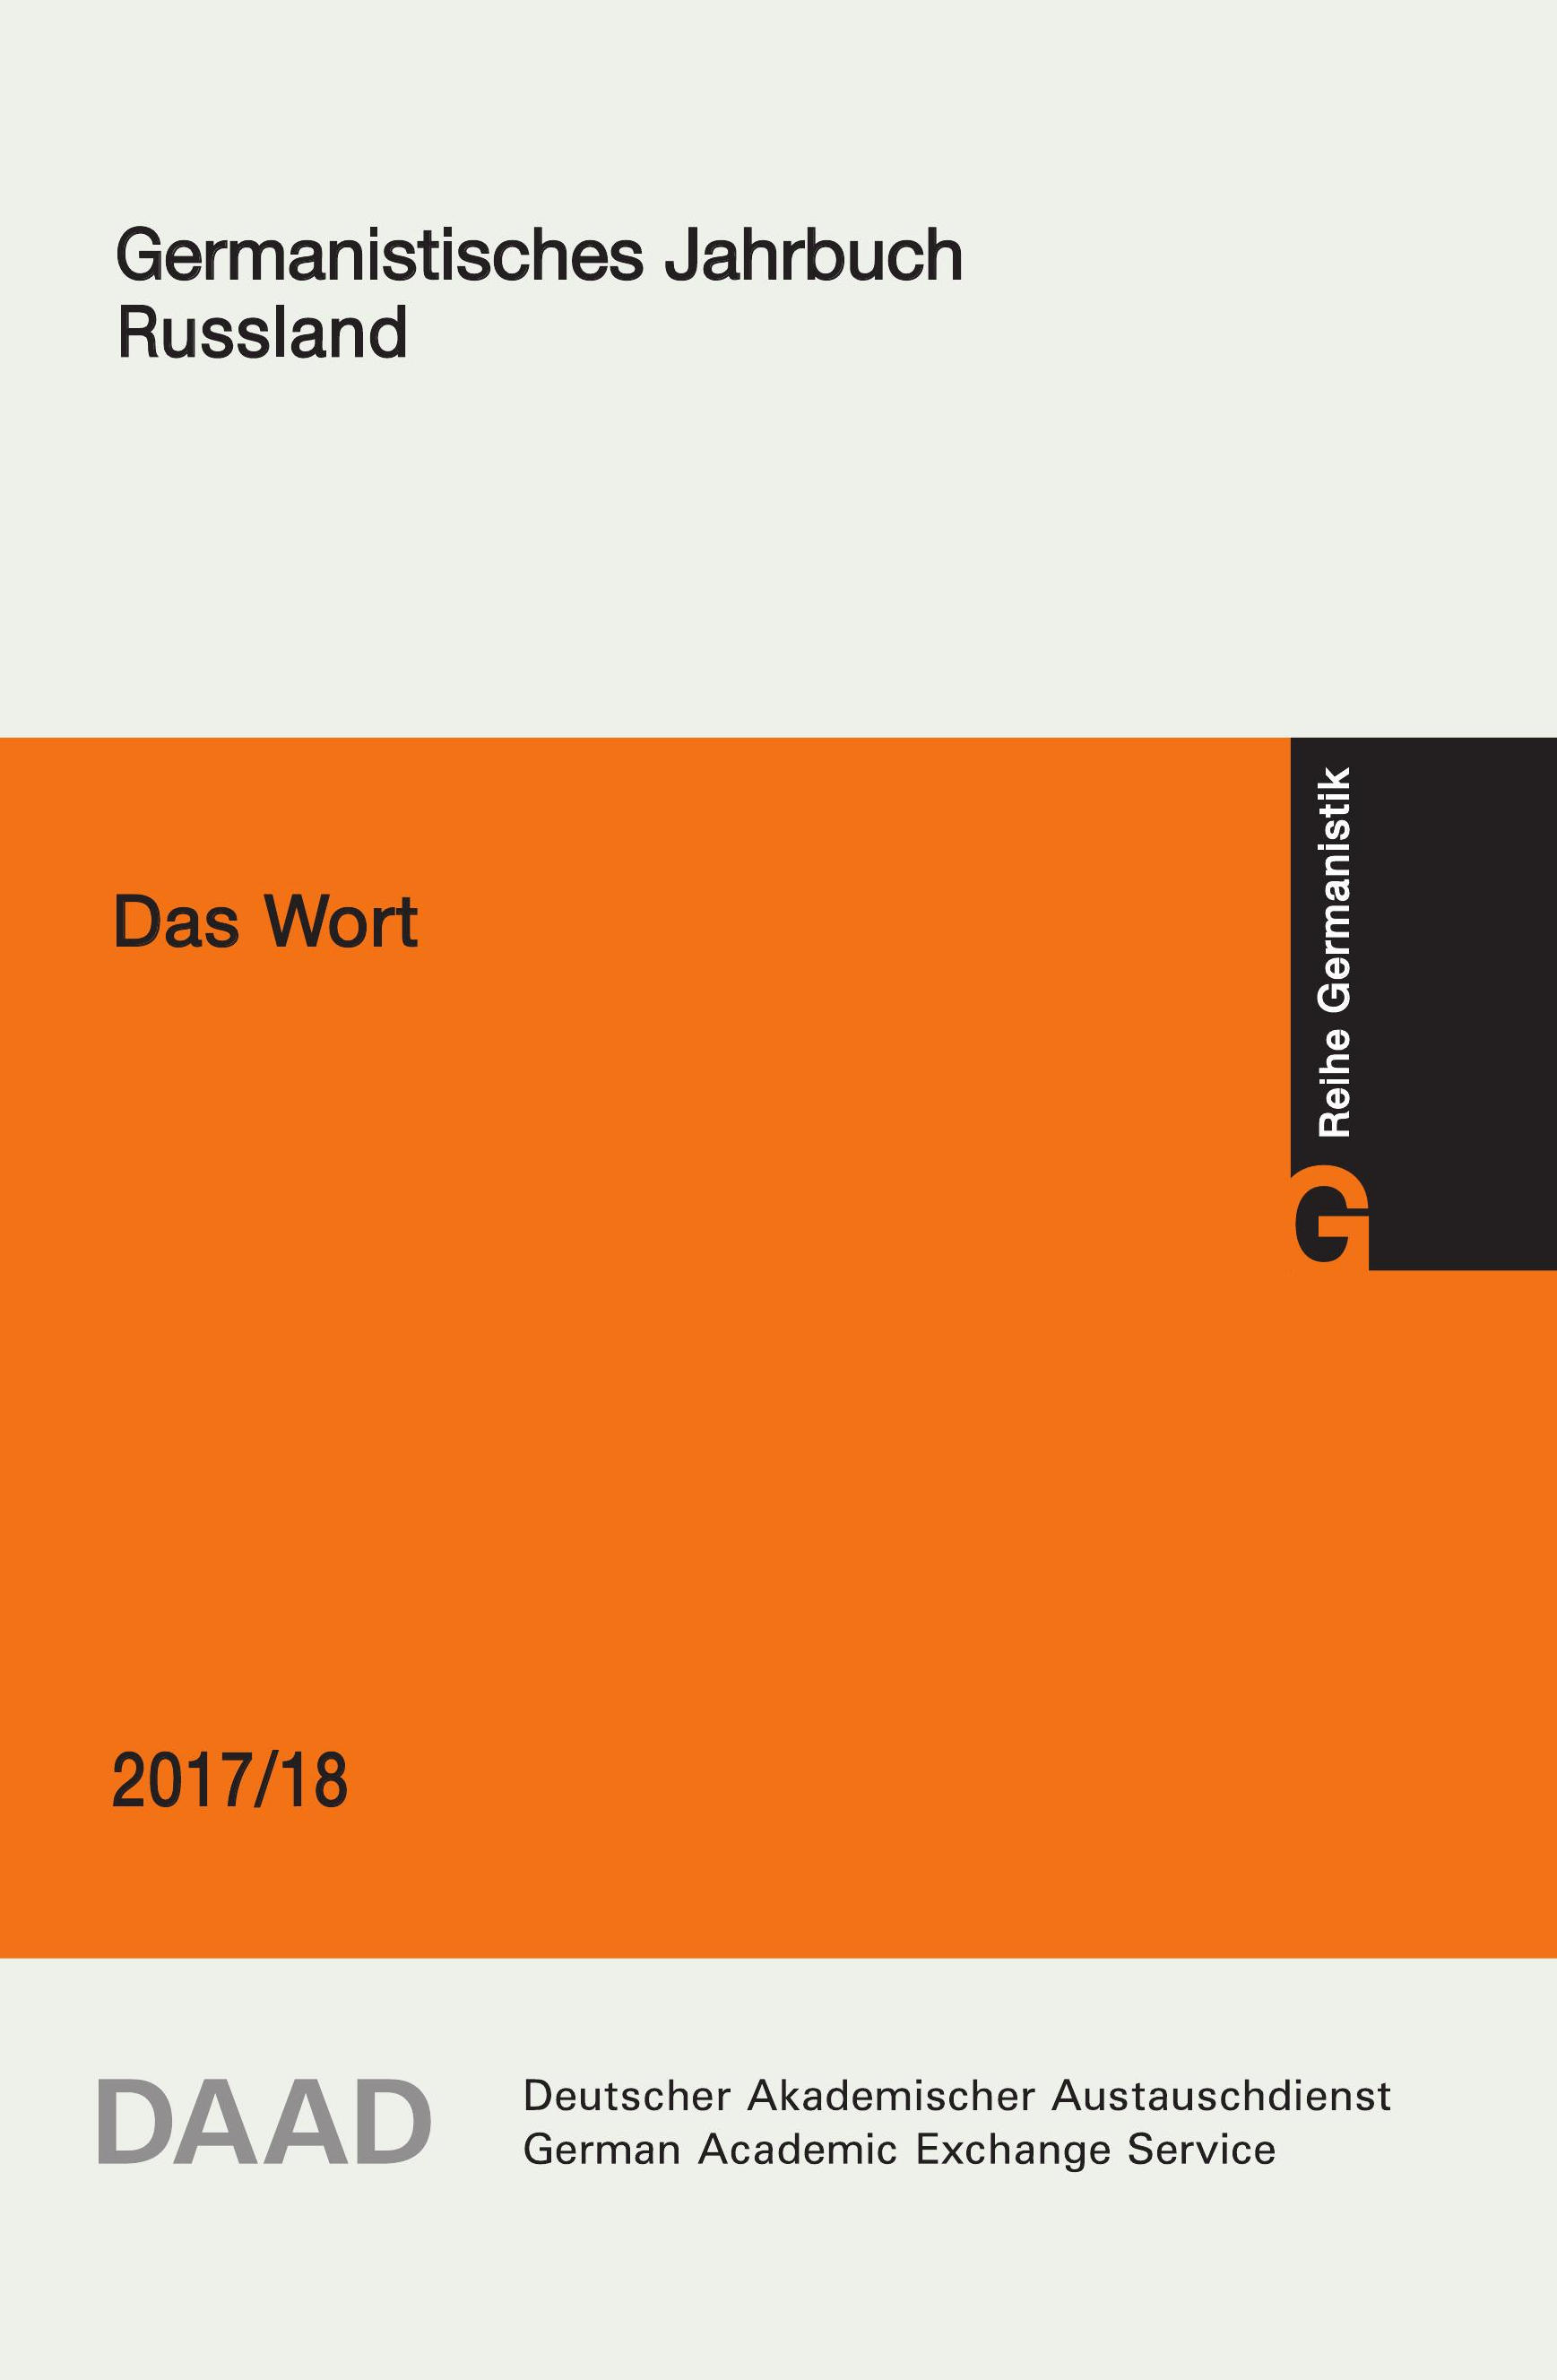 Коллектив авторов Das Wort. Germanistisches Jahrbuch Russland 2017/18 j c saint homilien uber das evangelium des heiligen matthaus erster band